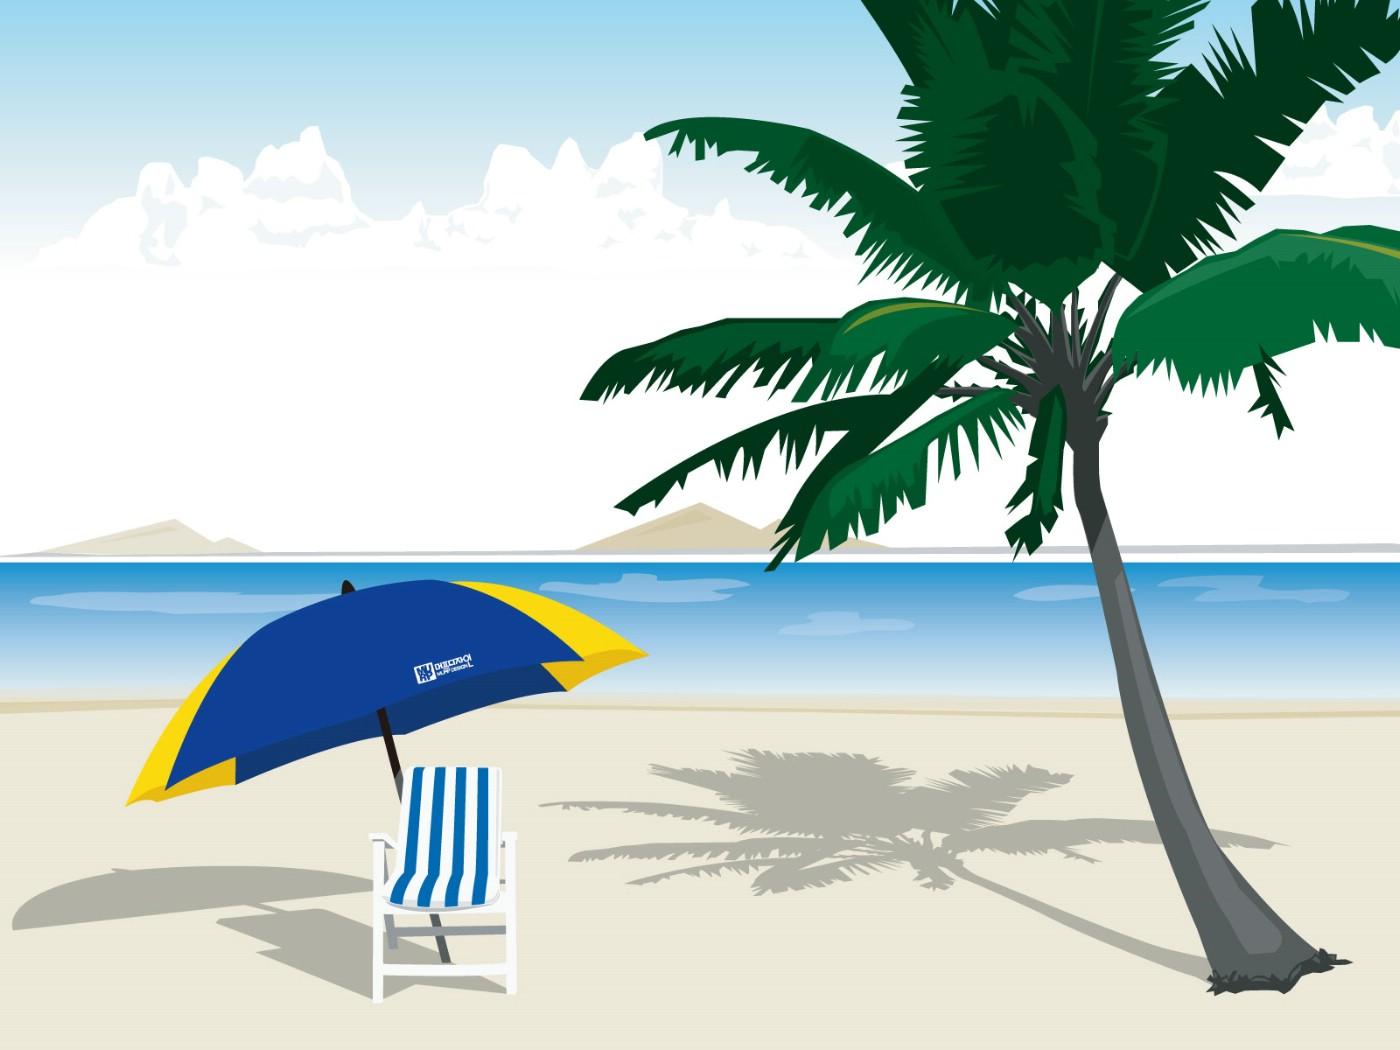 壁纸1400×1050矢量夏日海滩 1 13壁纸 矢量风光 矢量夏日海滩 第一辑壁纸图片矢量壁纸矢量图片素材桌面壁纸